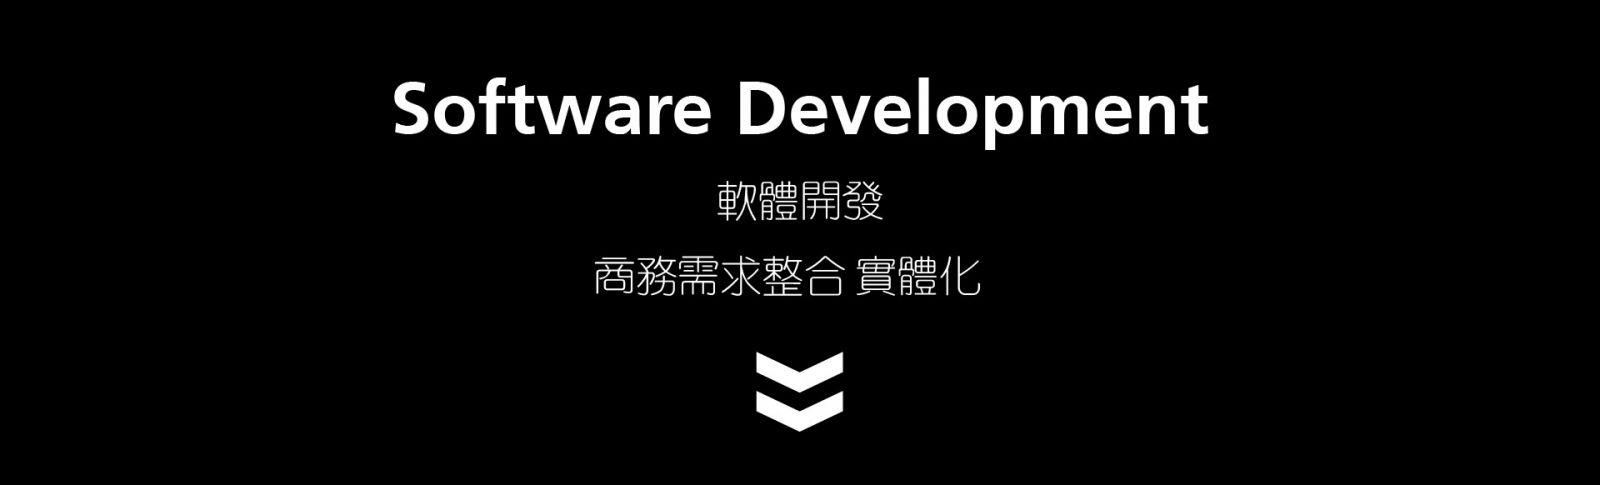 軟體開發Software Development  商務需求整合 實體化 開發規劃 / 需求分析和設計  編程實作 / 軟體測試 / 版本控制 專業的軟體規劃與建置